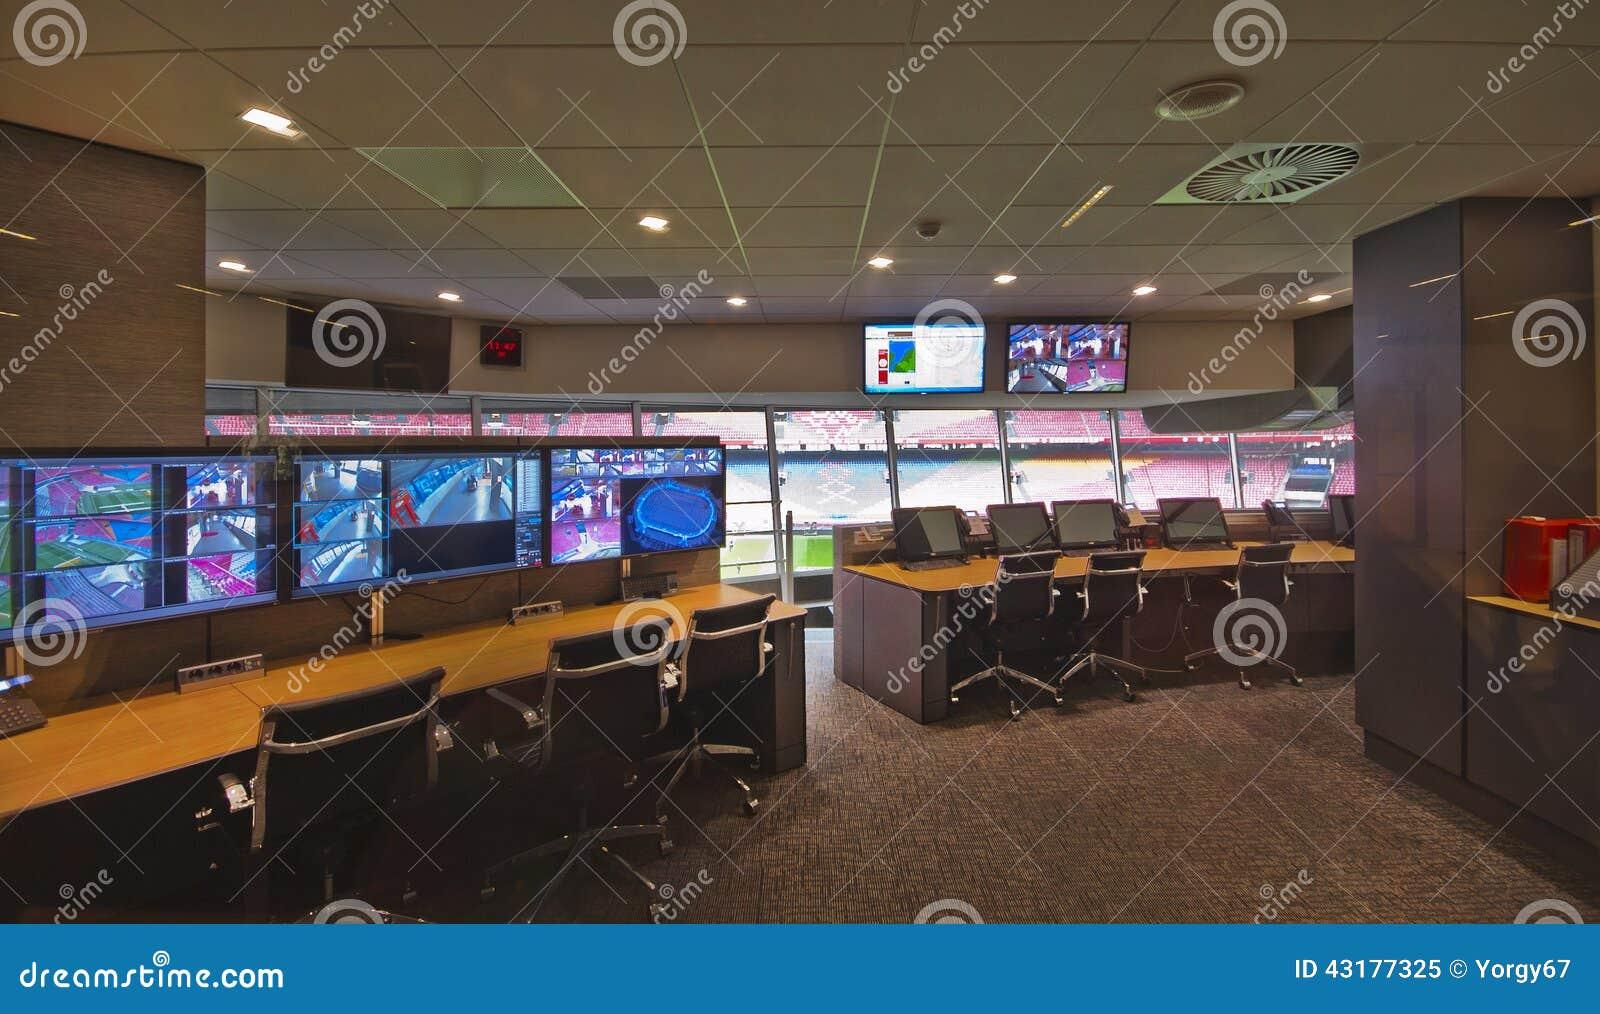 Perszaal bij de Arena van Amsterdam